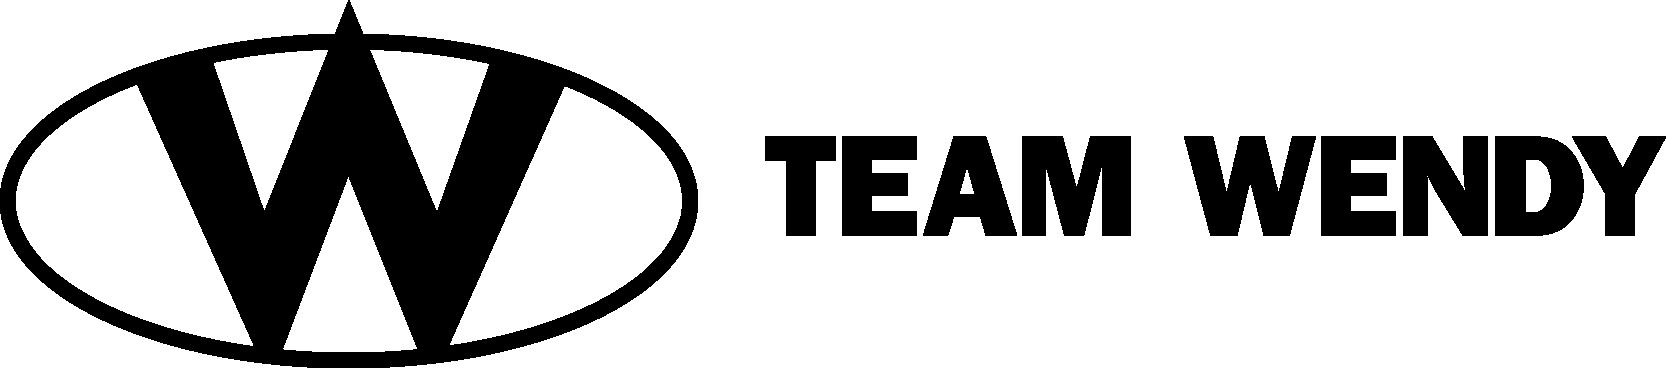 Team Wendy, Helmet, Gear